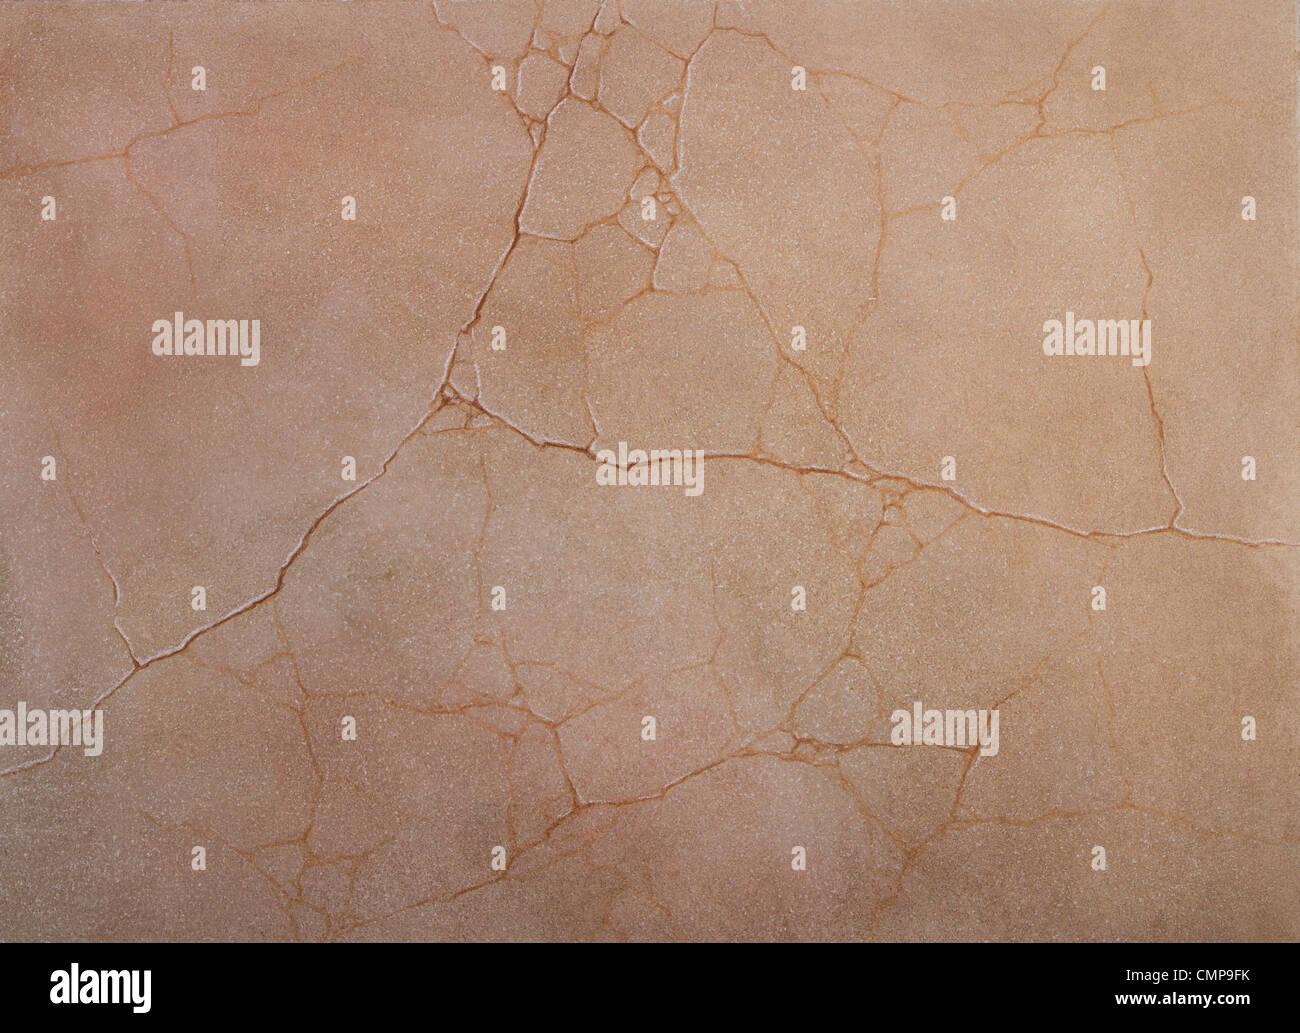 La texture grossière des murs lézardés de ciment recouvert de peinture rose Banque D'Images